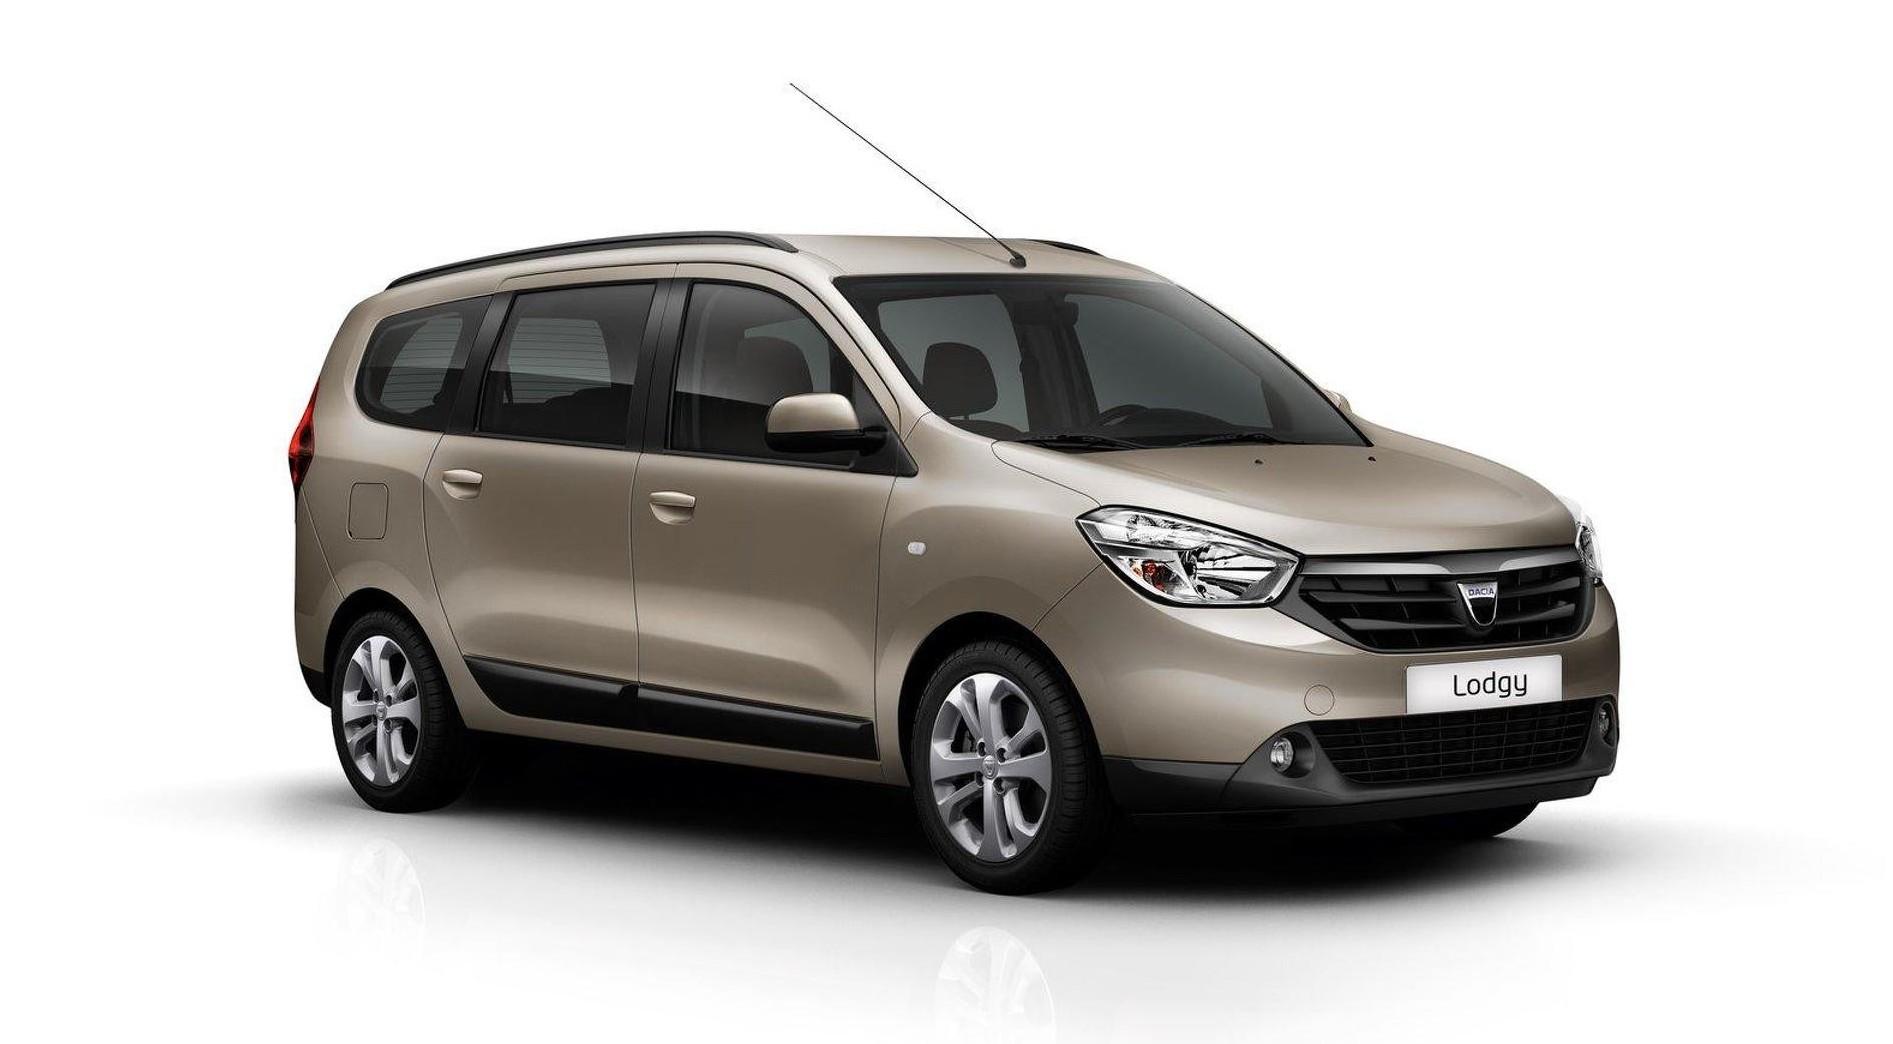 Dacia Lodgy 2019 prezzi, modelli, motori